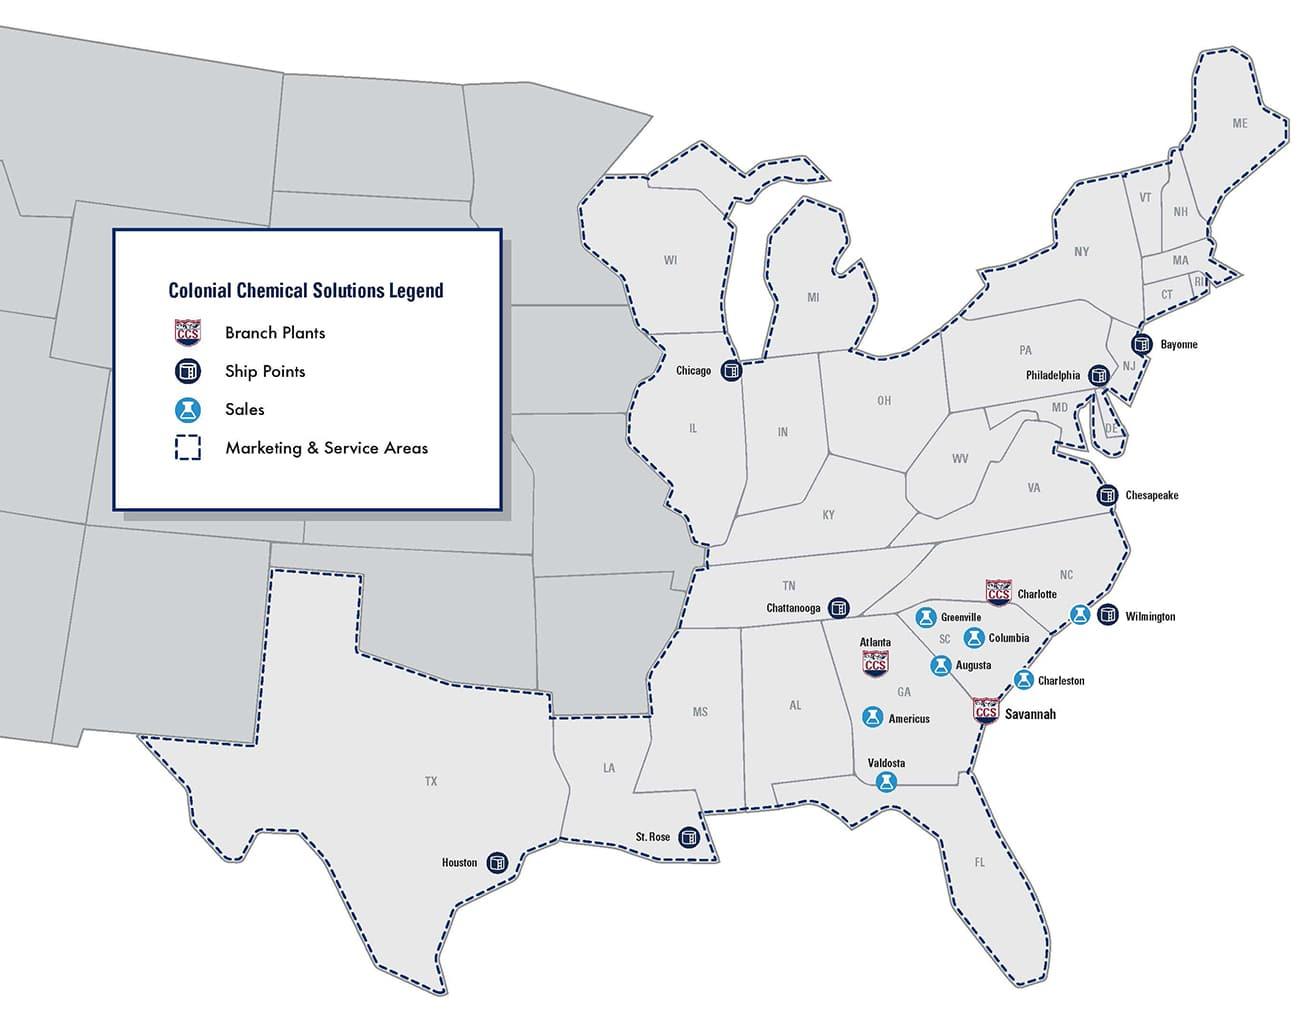 CCS_Map_8.2021_v2